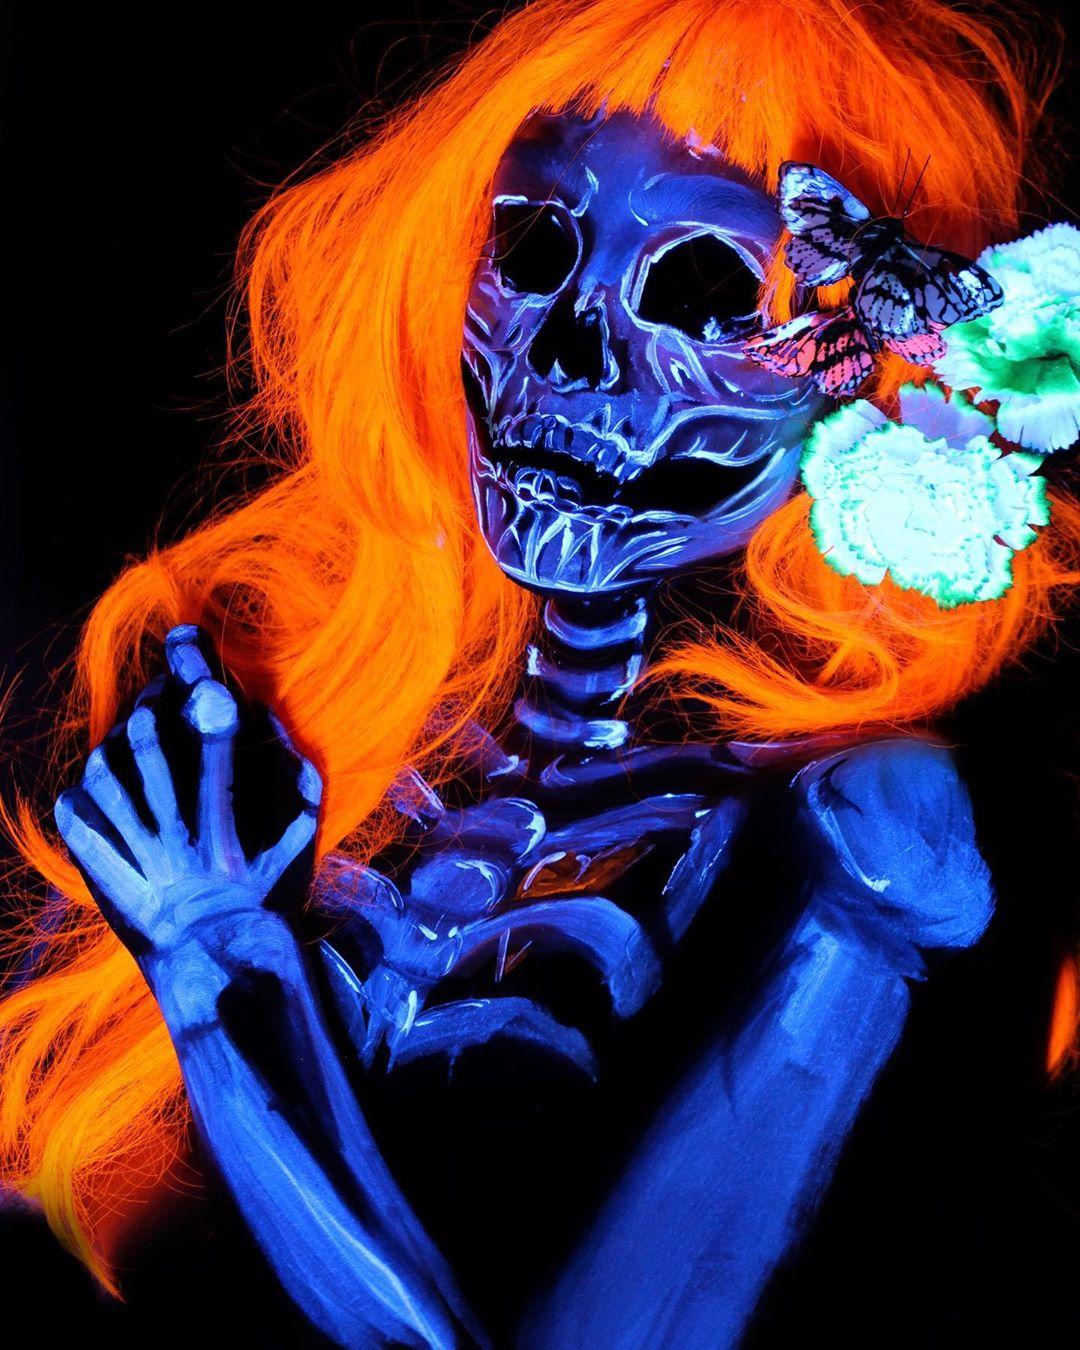 девушка с макияжем под скелет